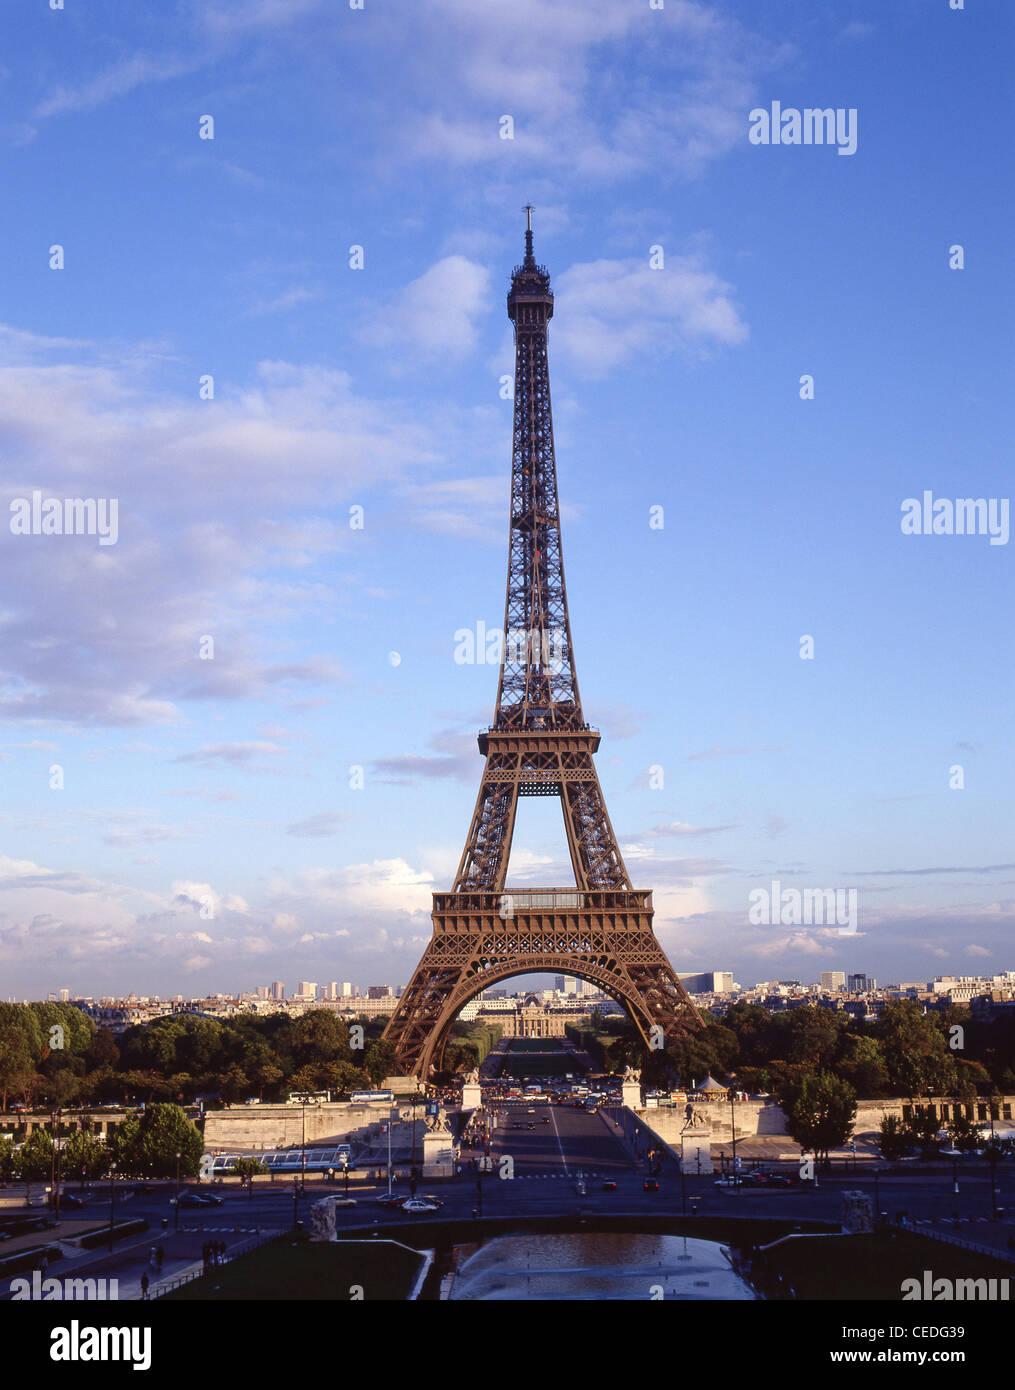 Eiffel Tower from The Trocadéro site of Palais de Chaillot, Paris, Île-de-France, France - Stock Image